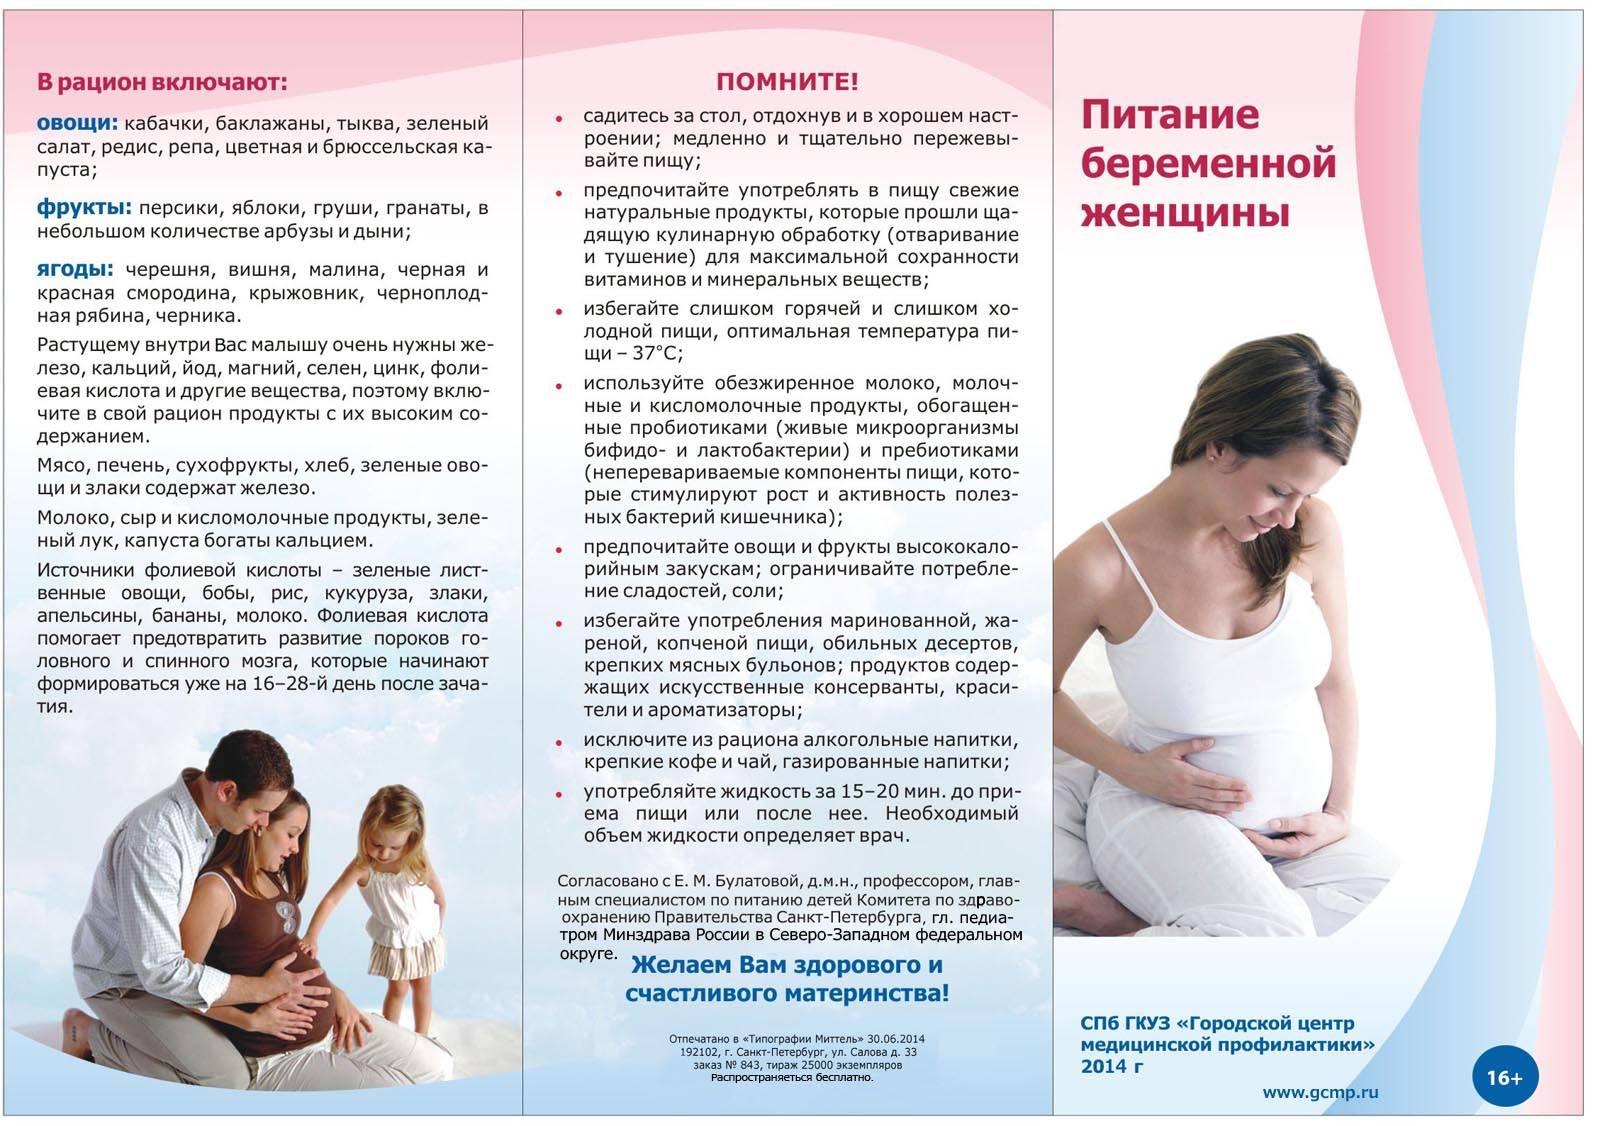 Как вылечить понос беременным на ранних сроках?